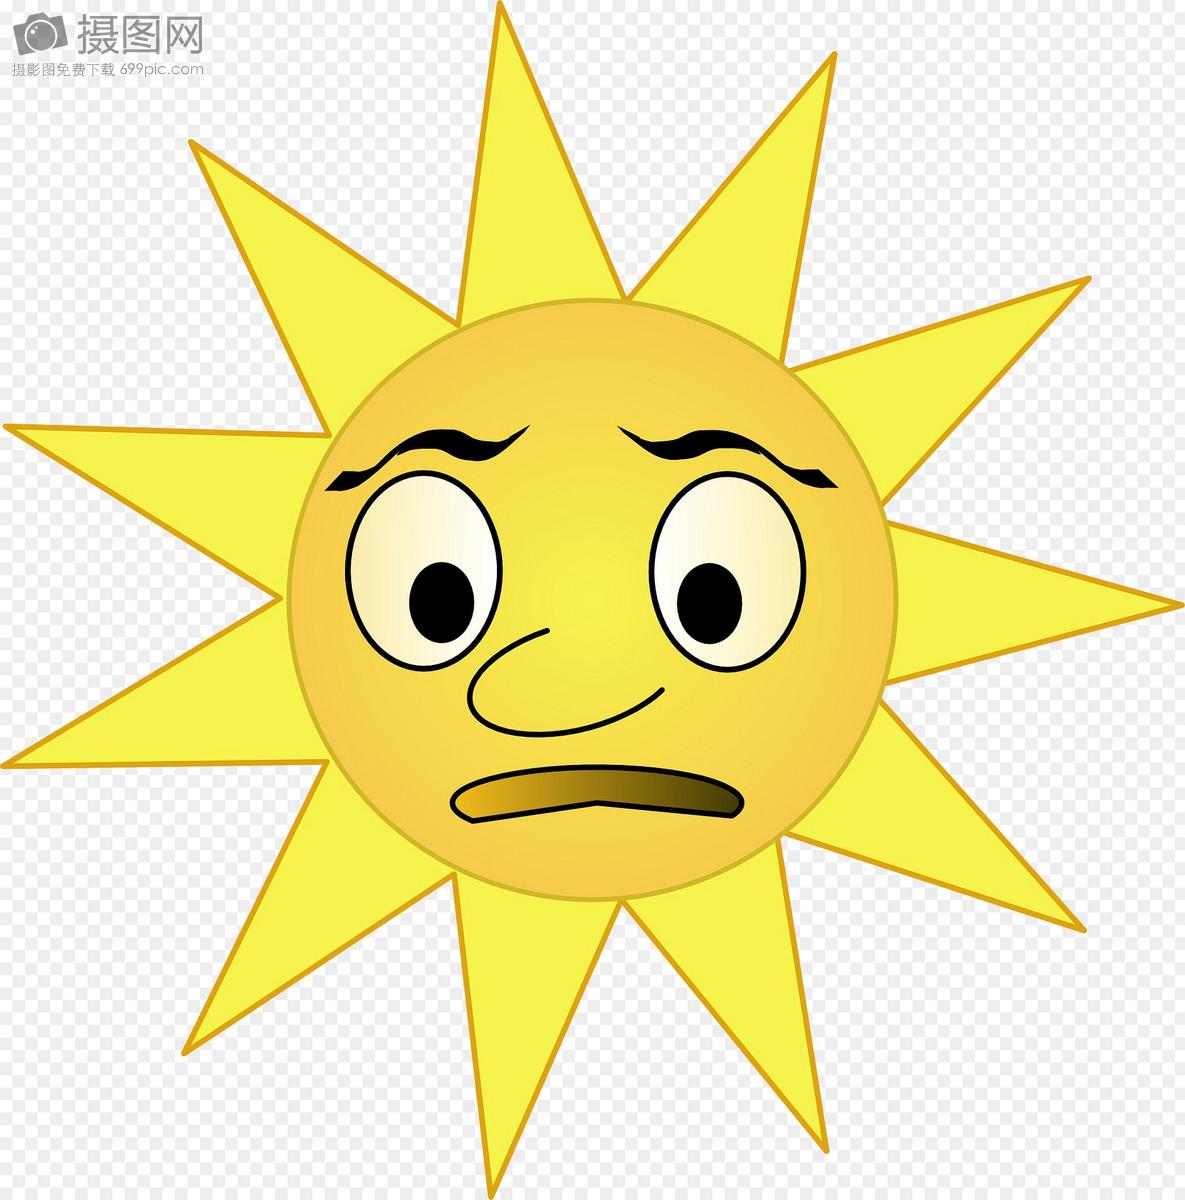 撇嘴的太阳